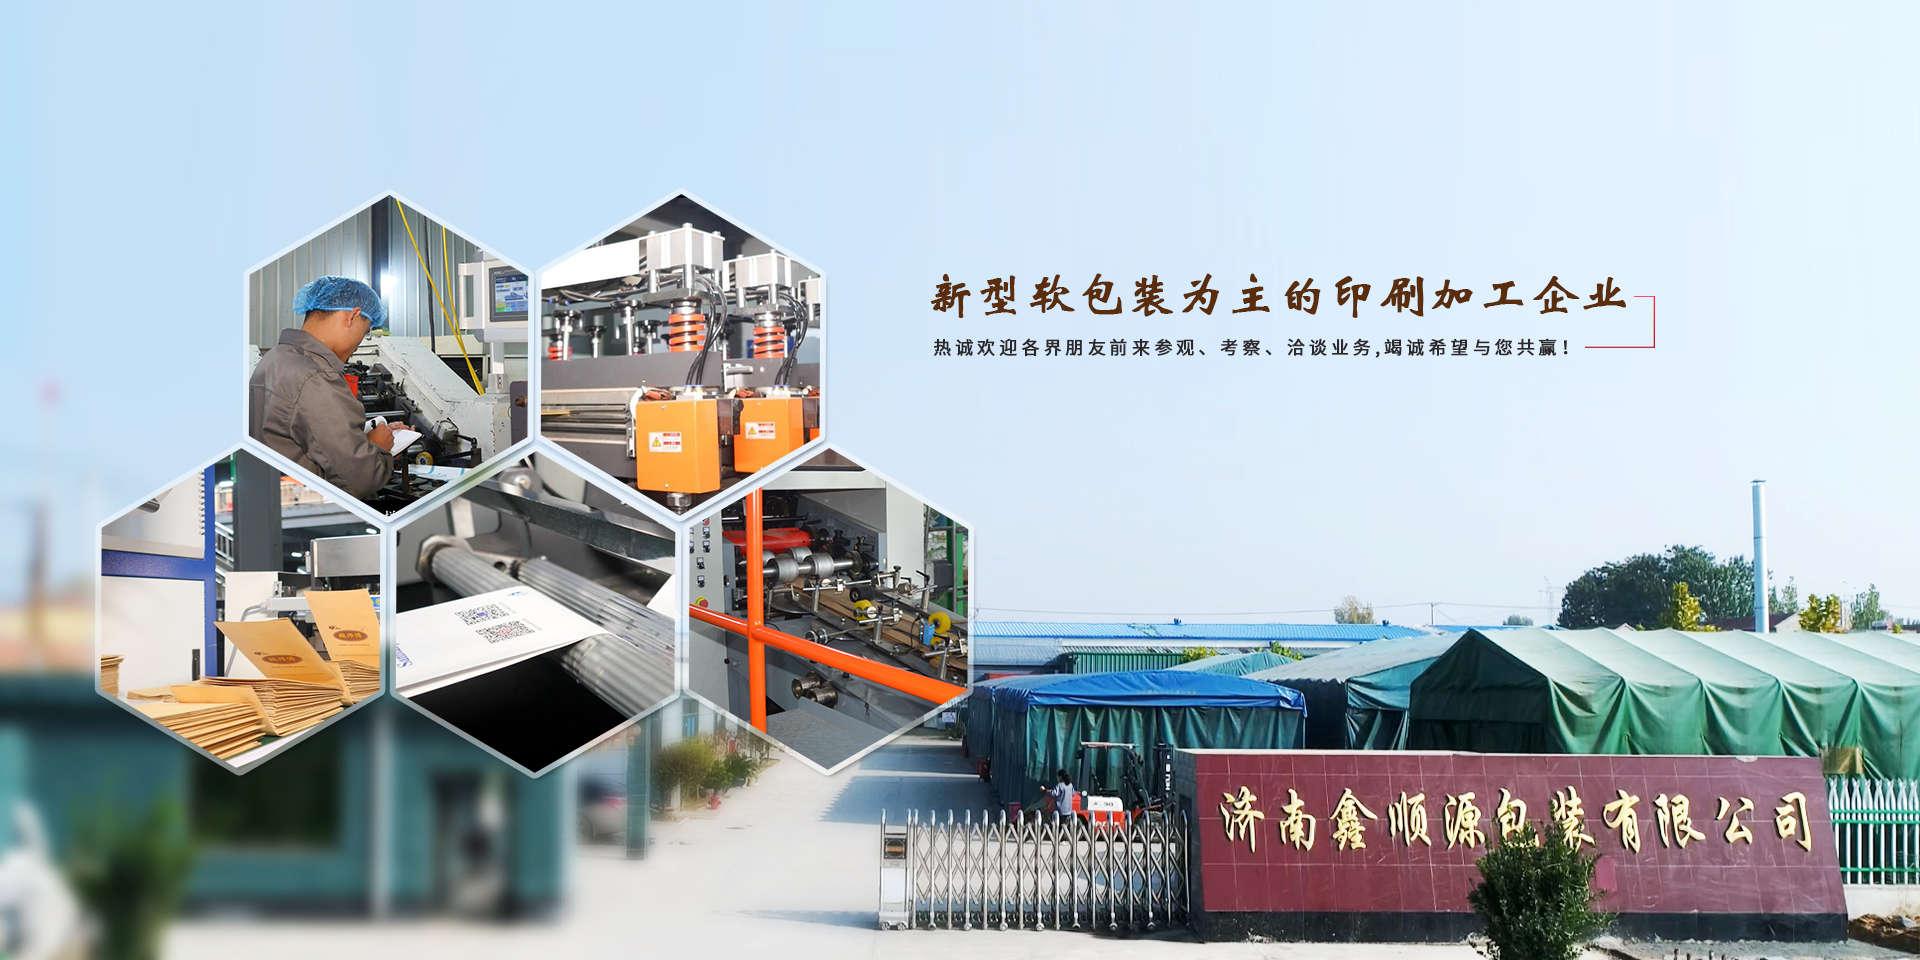 新型軟包裝為主的印刷加工企業